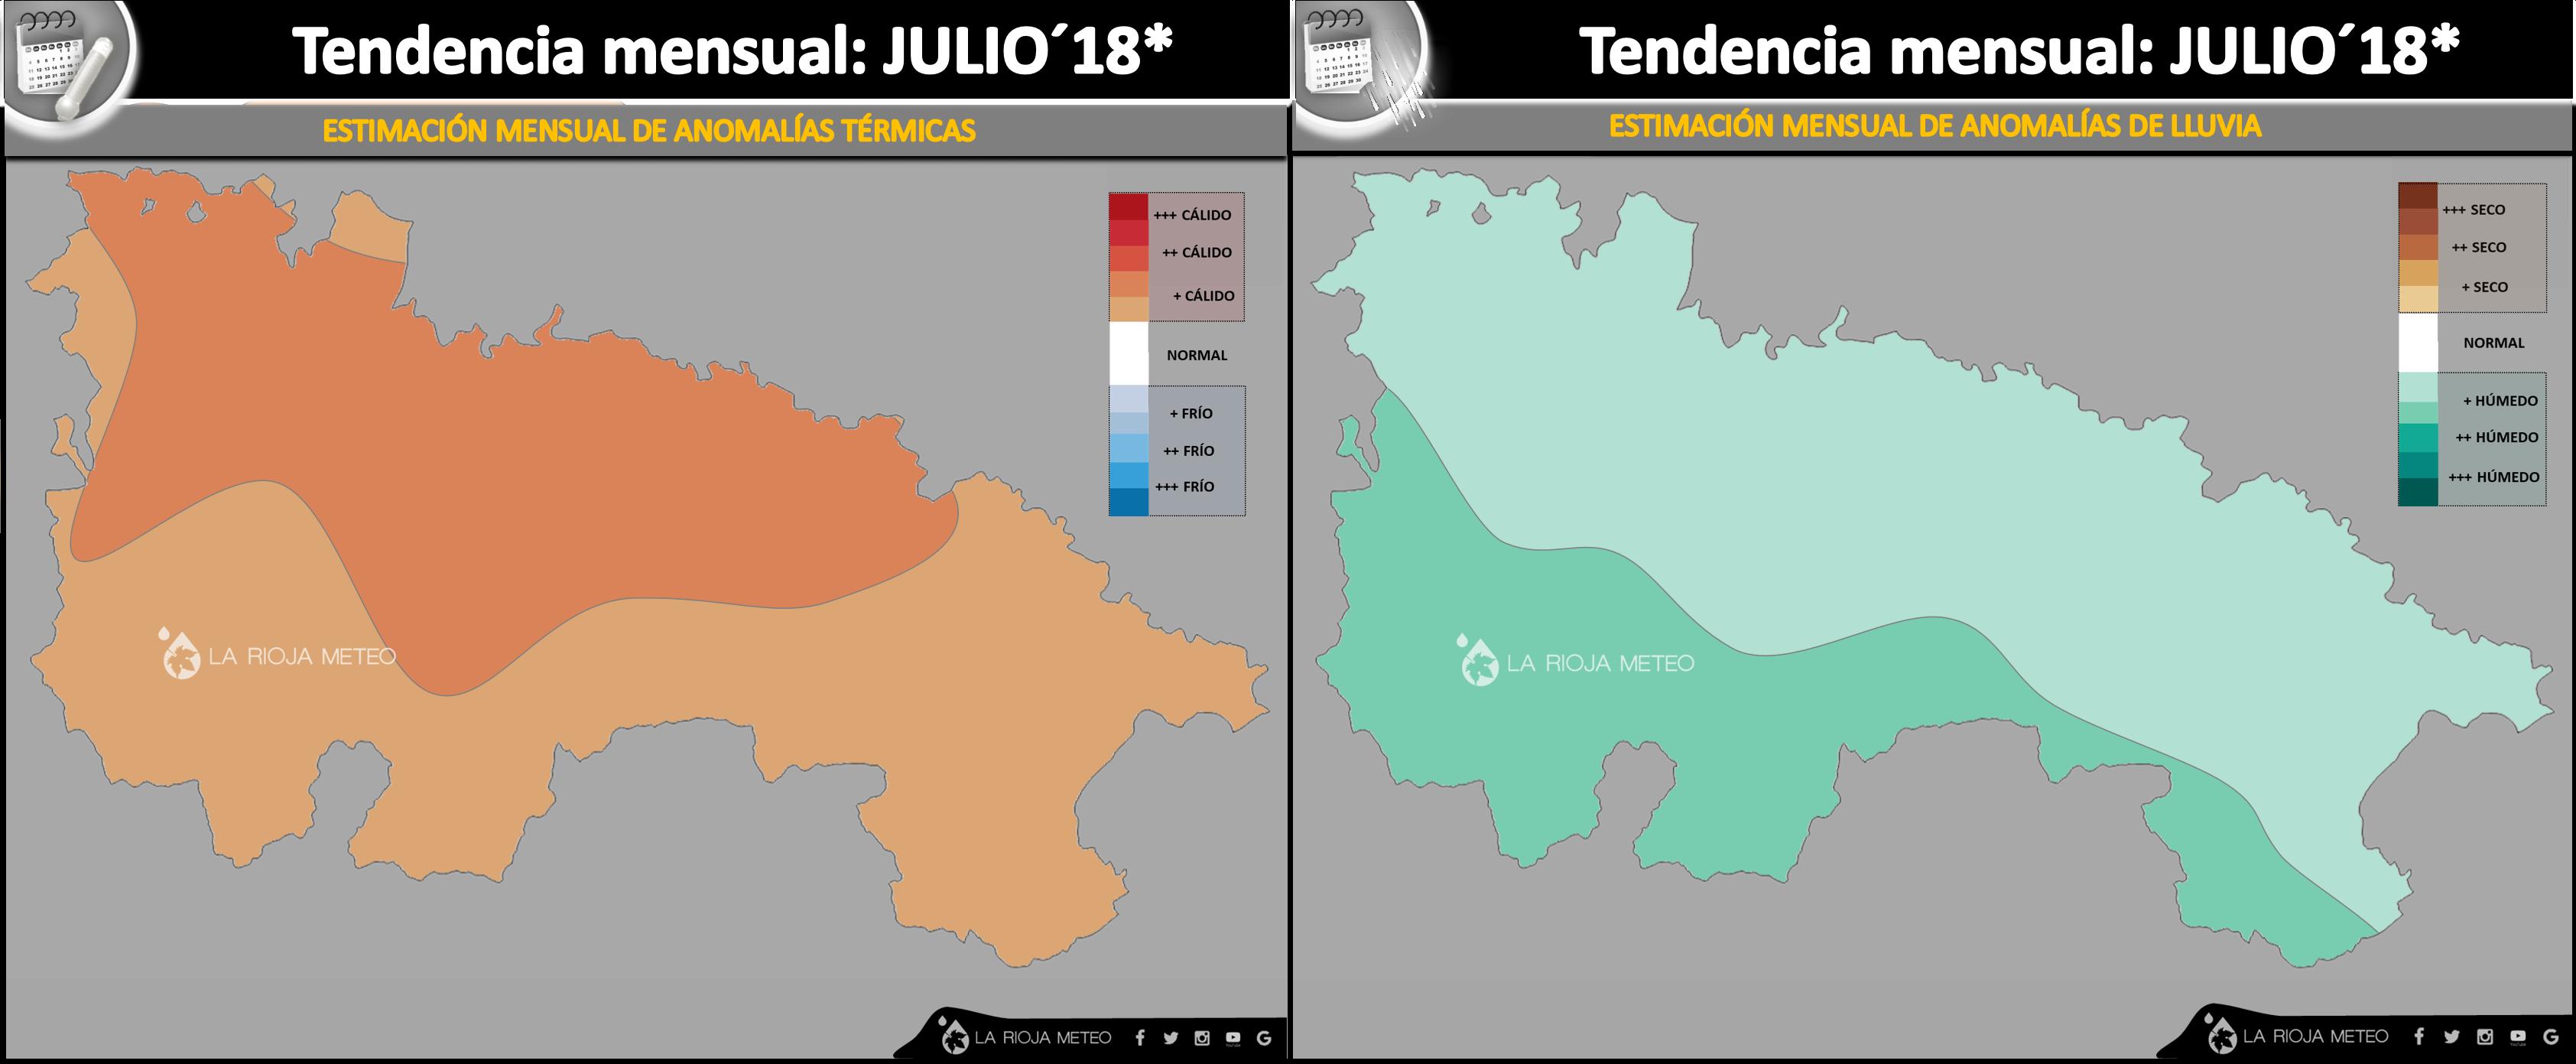 Anomalías térmicas (izda) y pluviométricas (dcha) estimadas para el mes de Julio 2018 en La Rioja